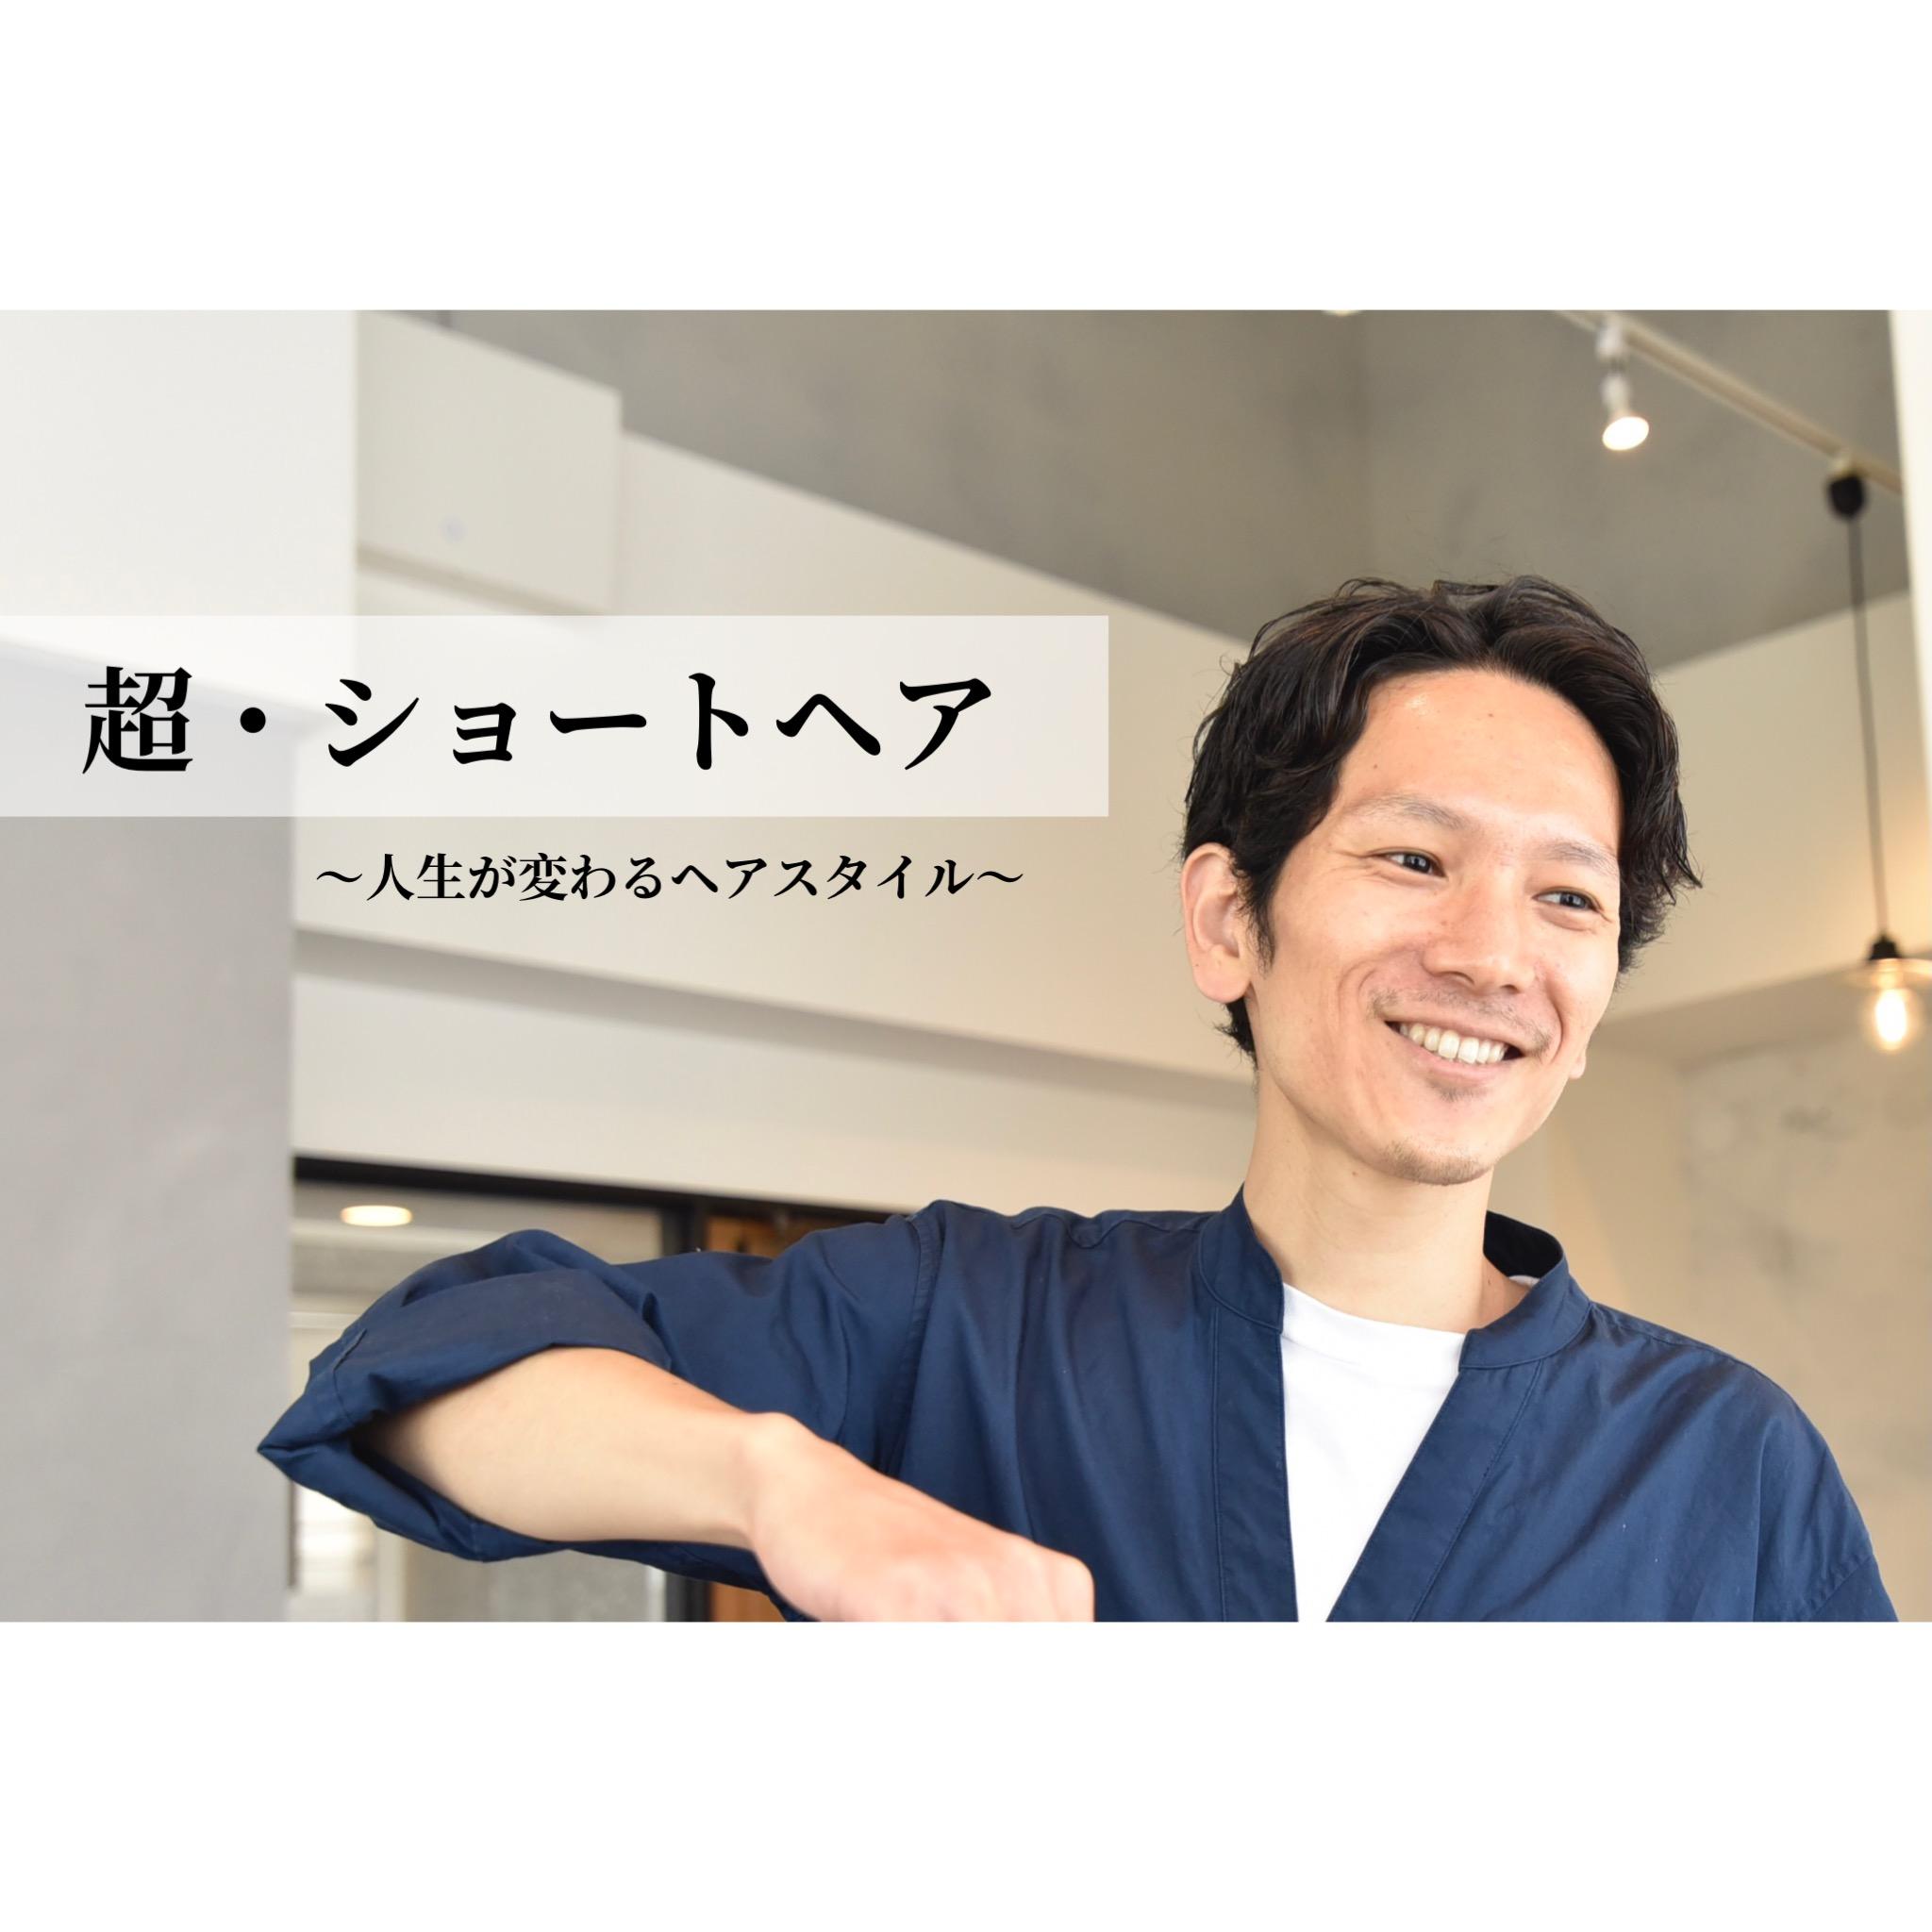 大阪南茨木ショートヘア美容師✴︎上原宏幸